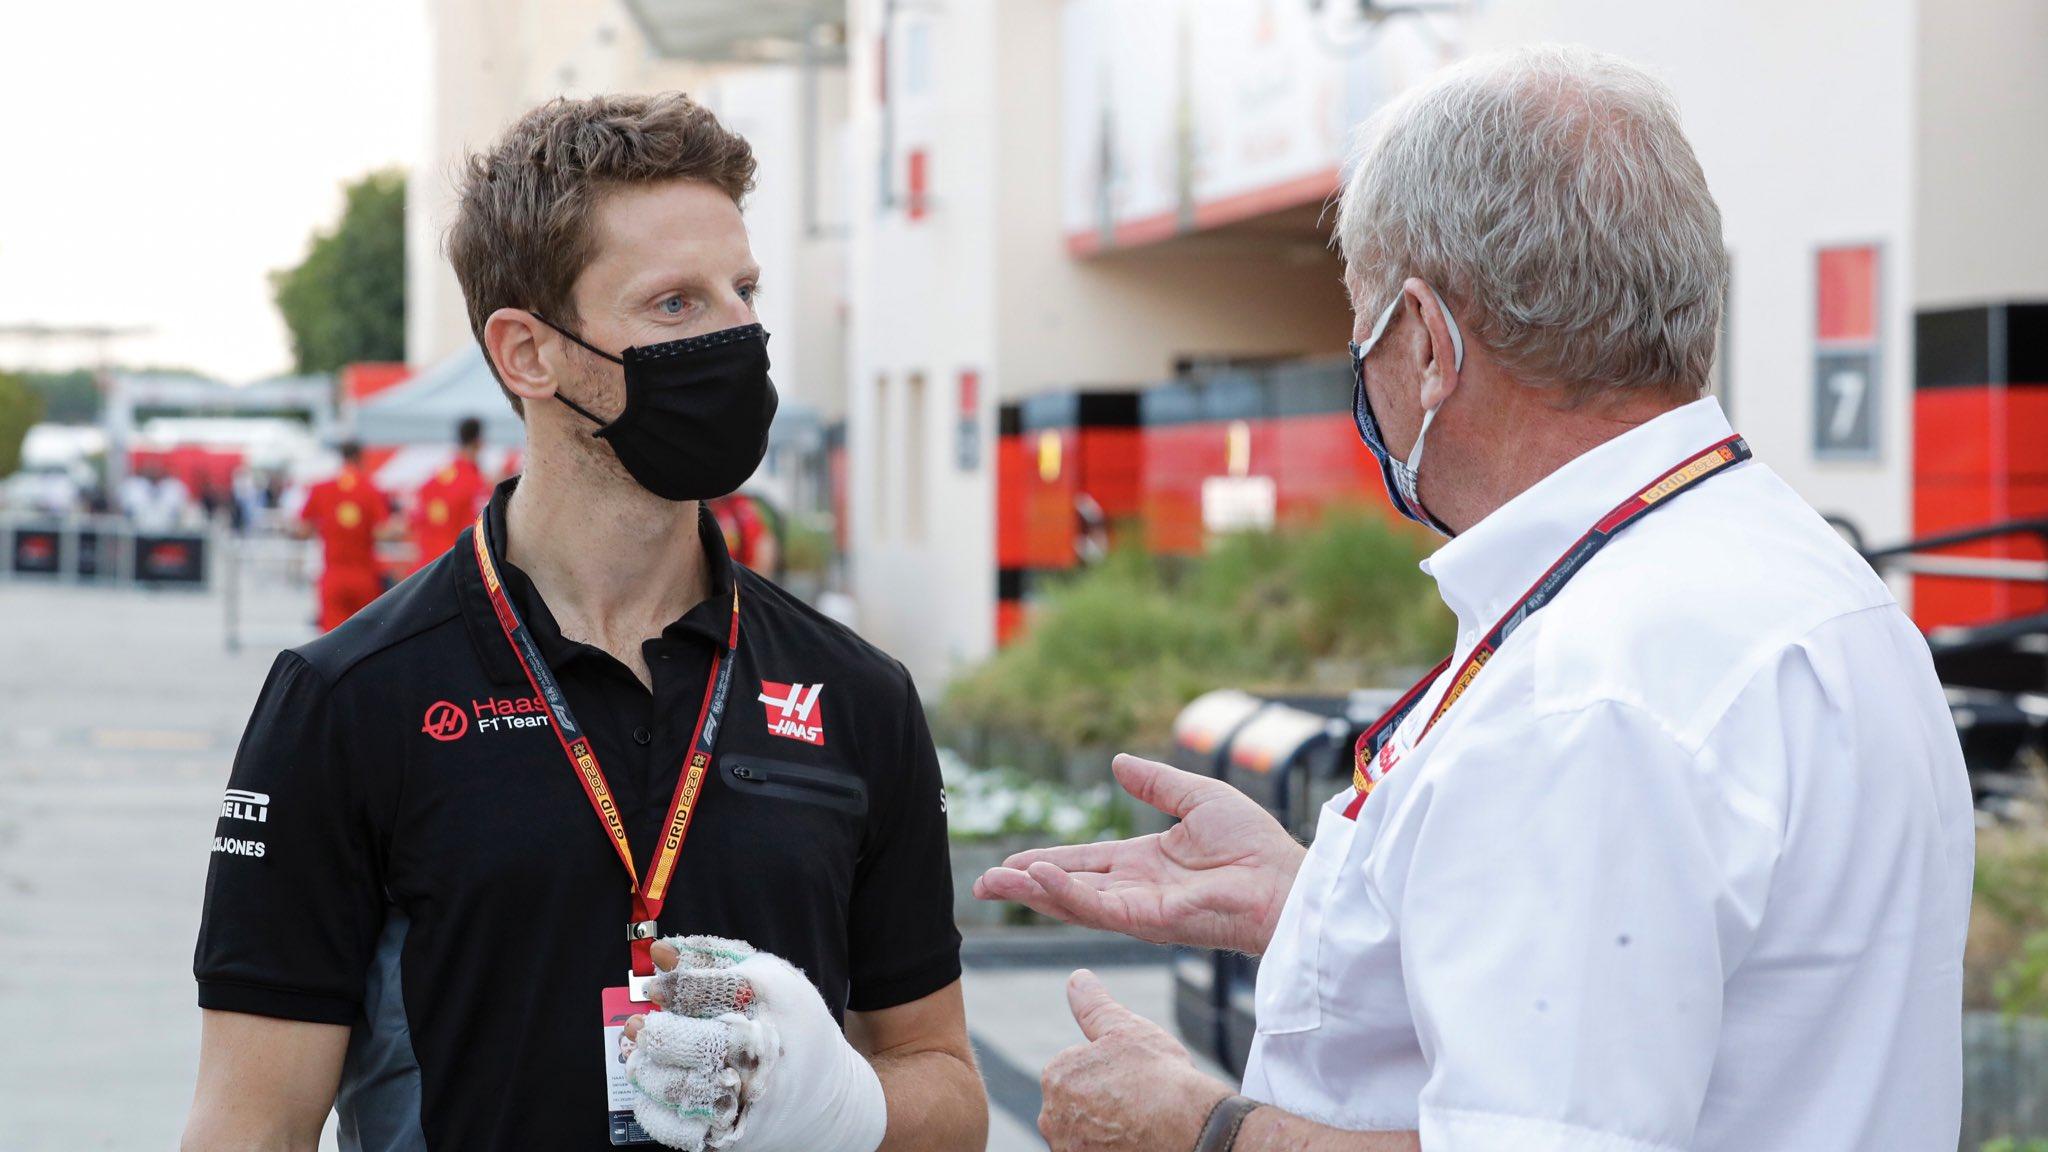 La carrière de Grosjean rebondit en Indycar – © Haas F1 Team